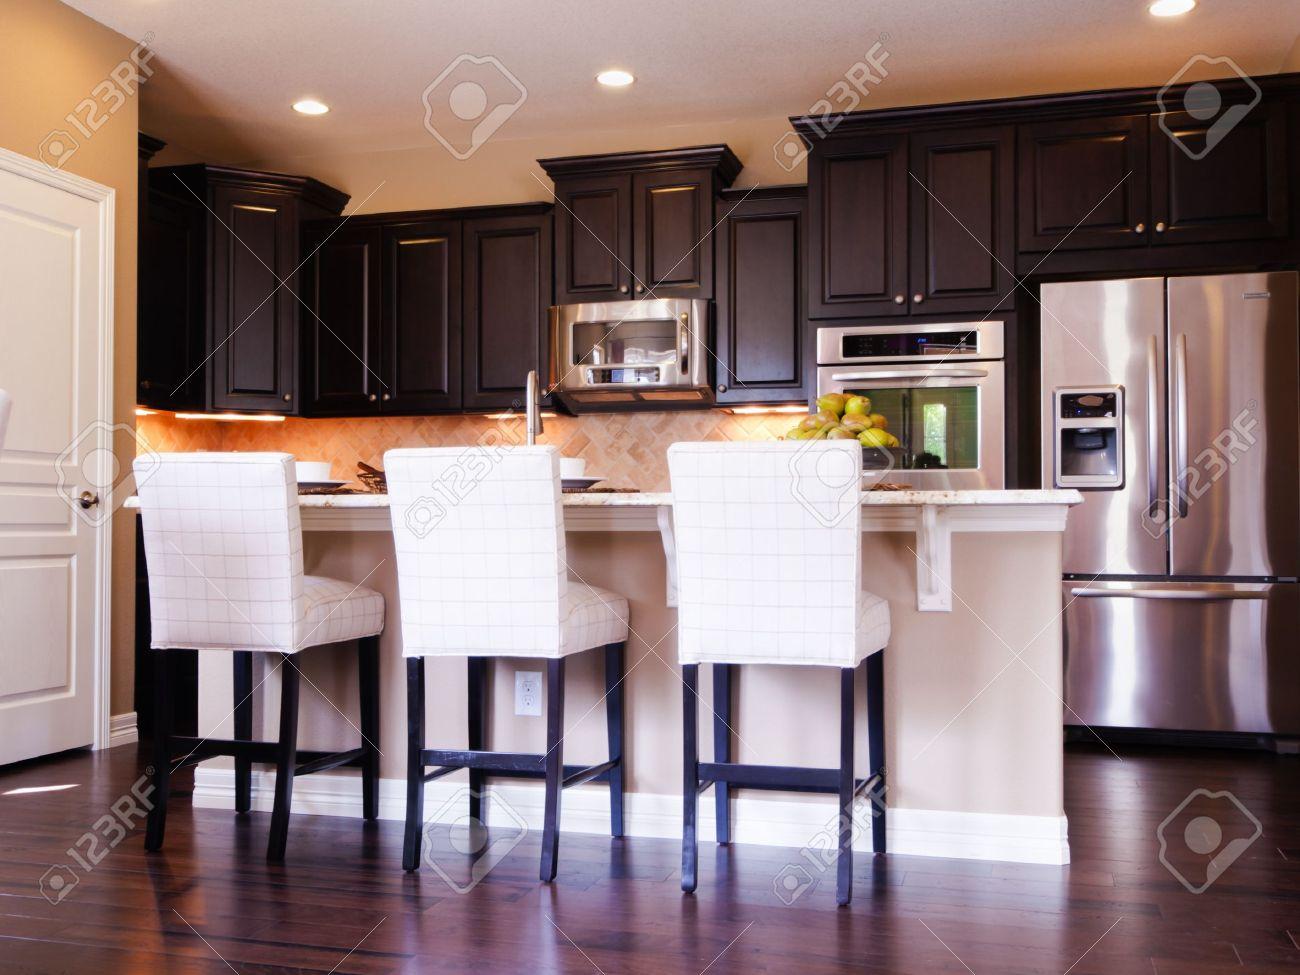 Cuisine moderne avec armoires en bois foncé et de parquet. banque ...